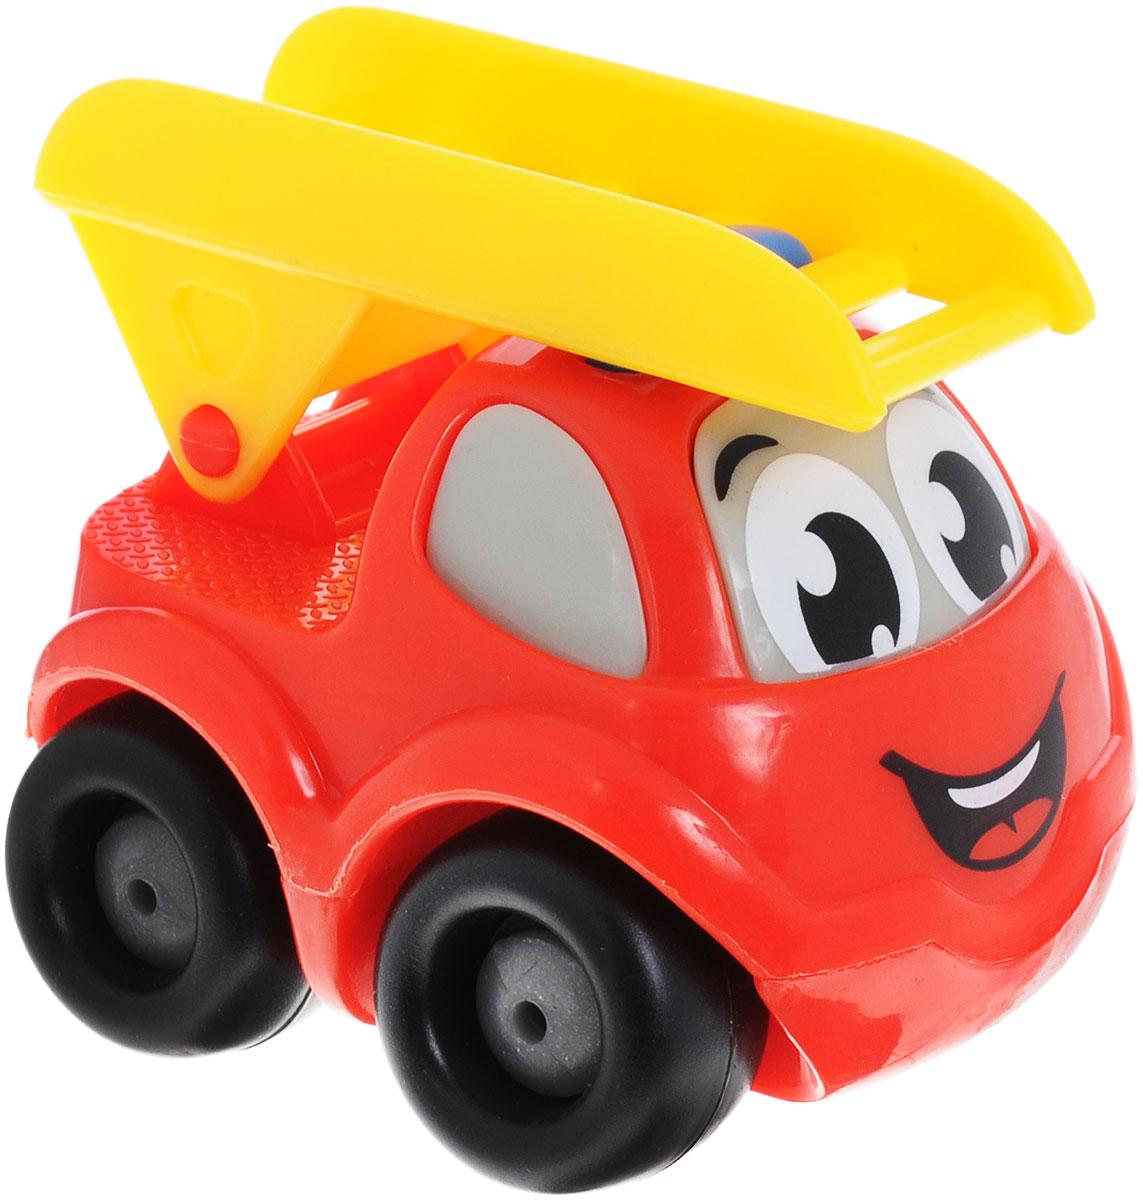 Smoby Машинка Vroom Planet цвет красный желтый211257_красный, желтыйМашинка Smoby Vroom Planet непременно привлечет внимание малыша. Игрушка выполнена из абсолютно безопасного для малыша высококачественного пластика. Машинка выполнена в виде пожарной машины. Игра с машинкой помогает развивать мелкую моторику, цветовосприятие, координацию движений, а также являются хорошим средством для развлечения ребенка. Порадуйте своего малыша таким замечательным подарком.